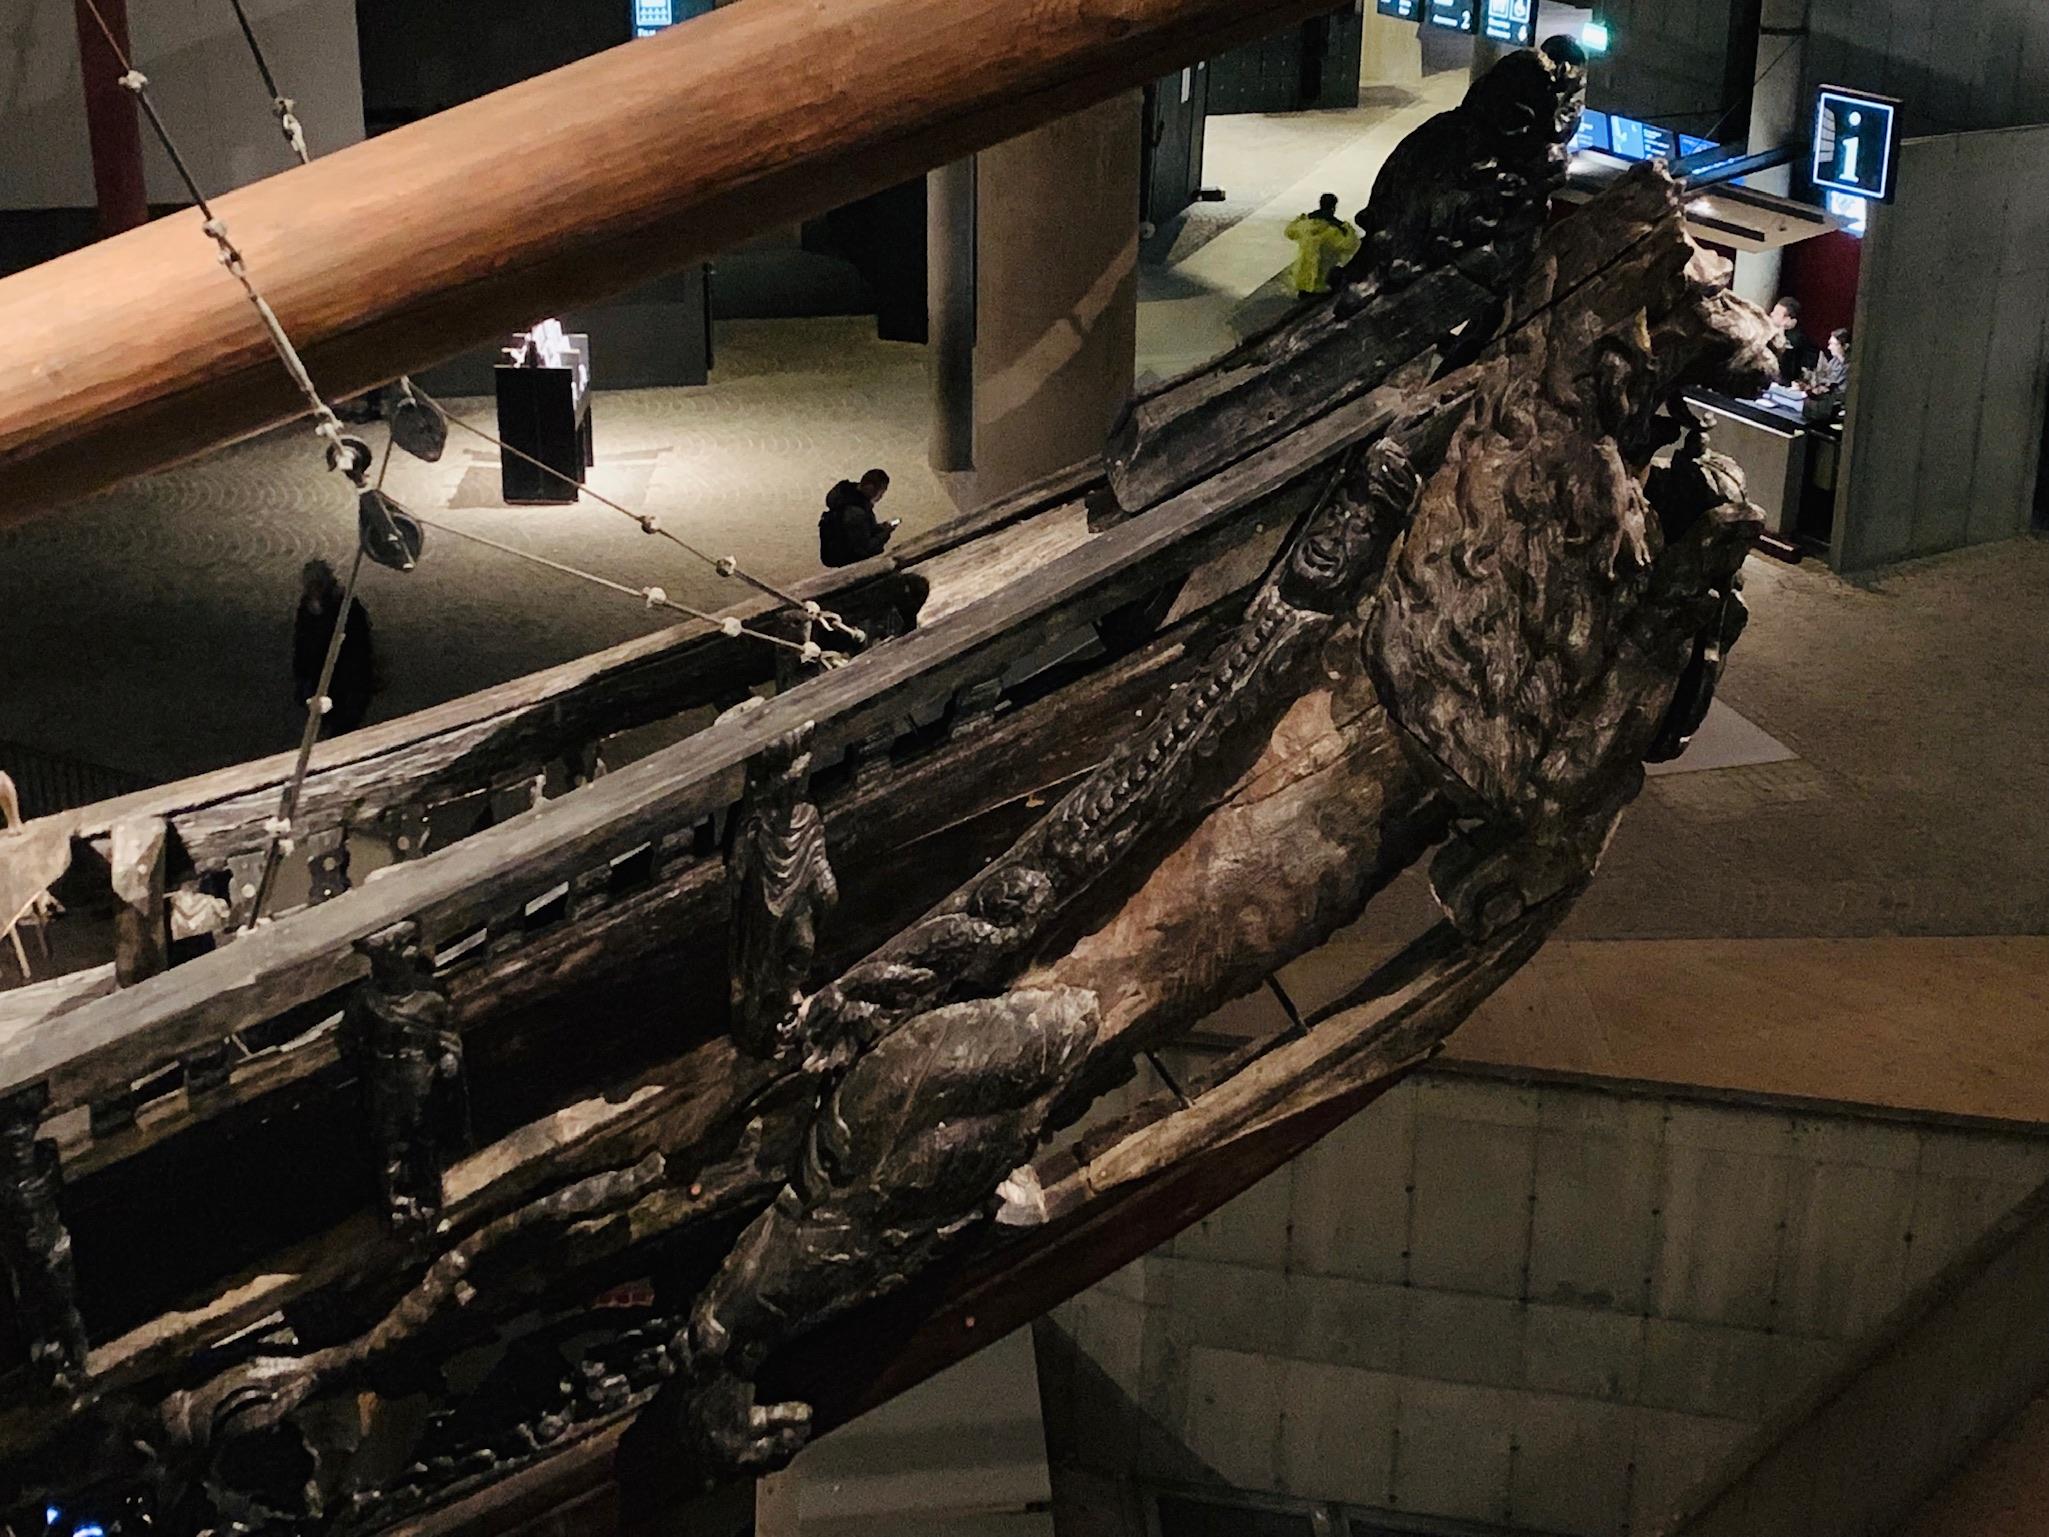 Un énorme lion trône sur la proue du Vasa, représentant la puissance du roi de Suède